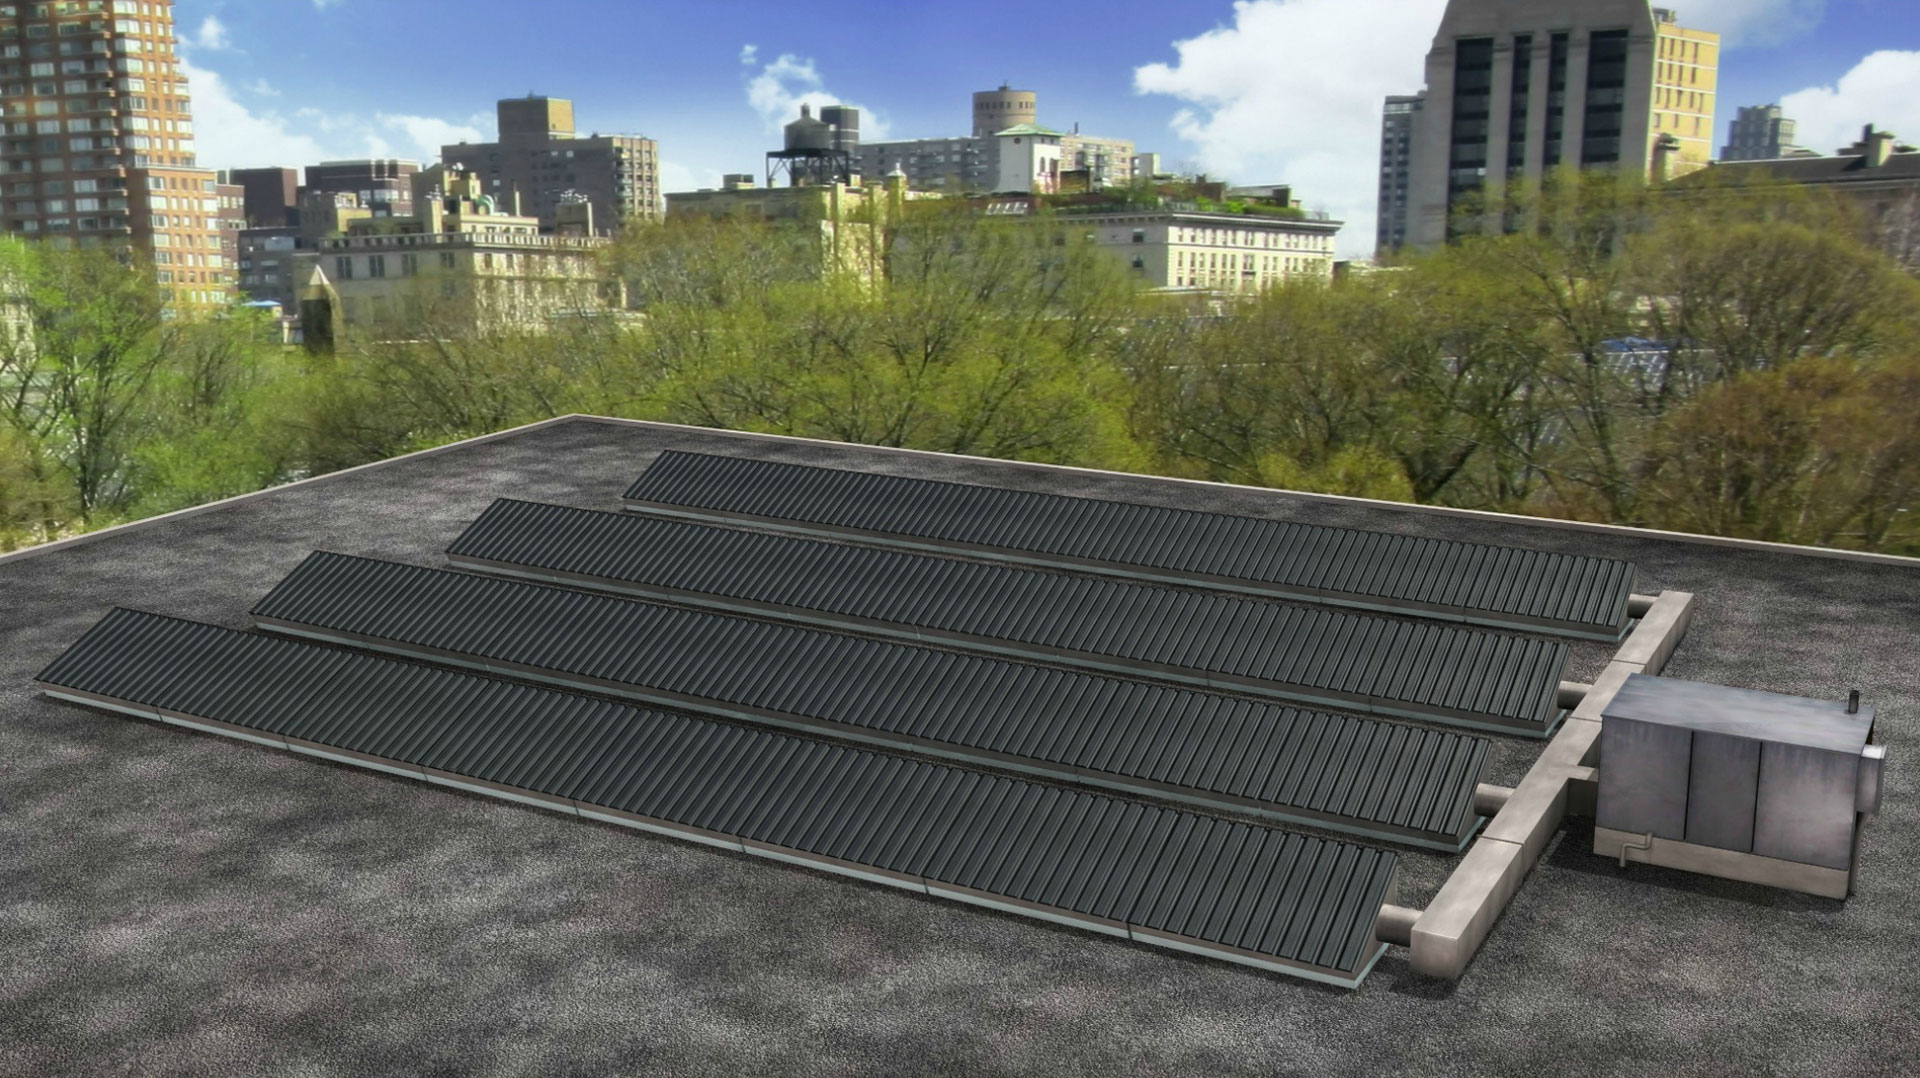 solarduct-large-image